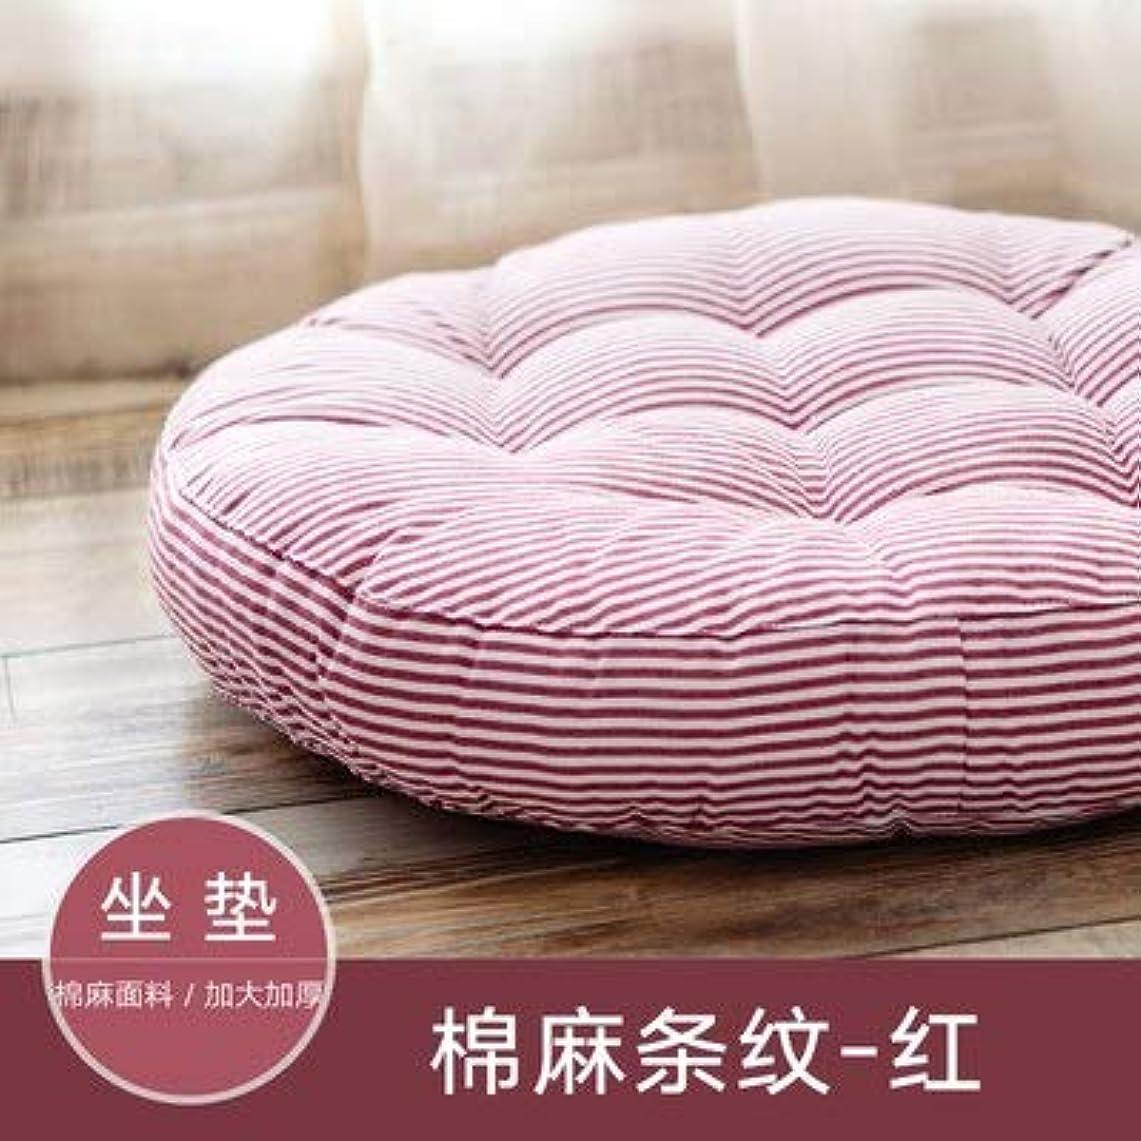 ギャラリー状態質素なLIFE ラウンド厚い椅子のクッションフロアマットレスシートパッドソフトホームオフィスチェアクッションマットソフトスロー枕最高品質の床クッション クッション 椅子